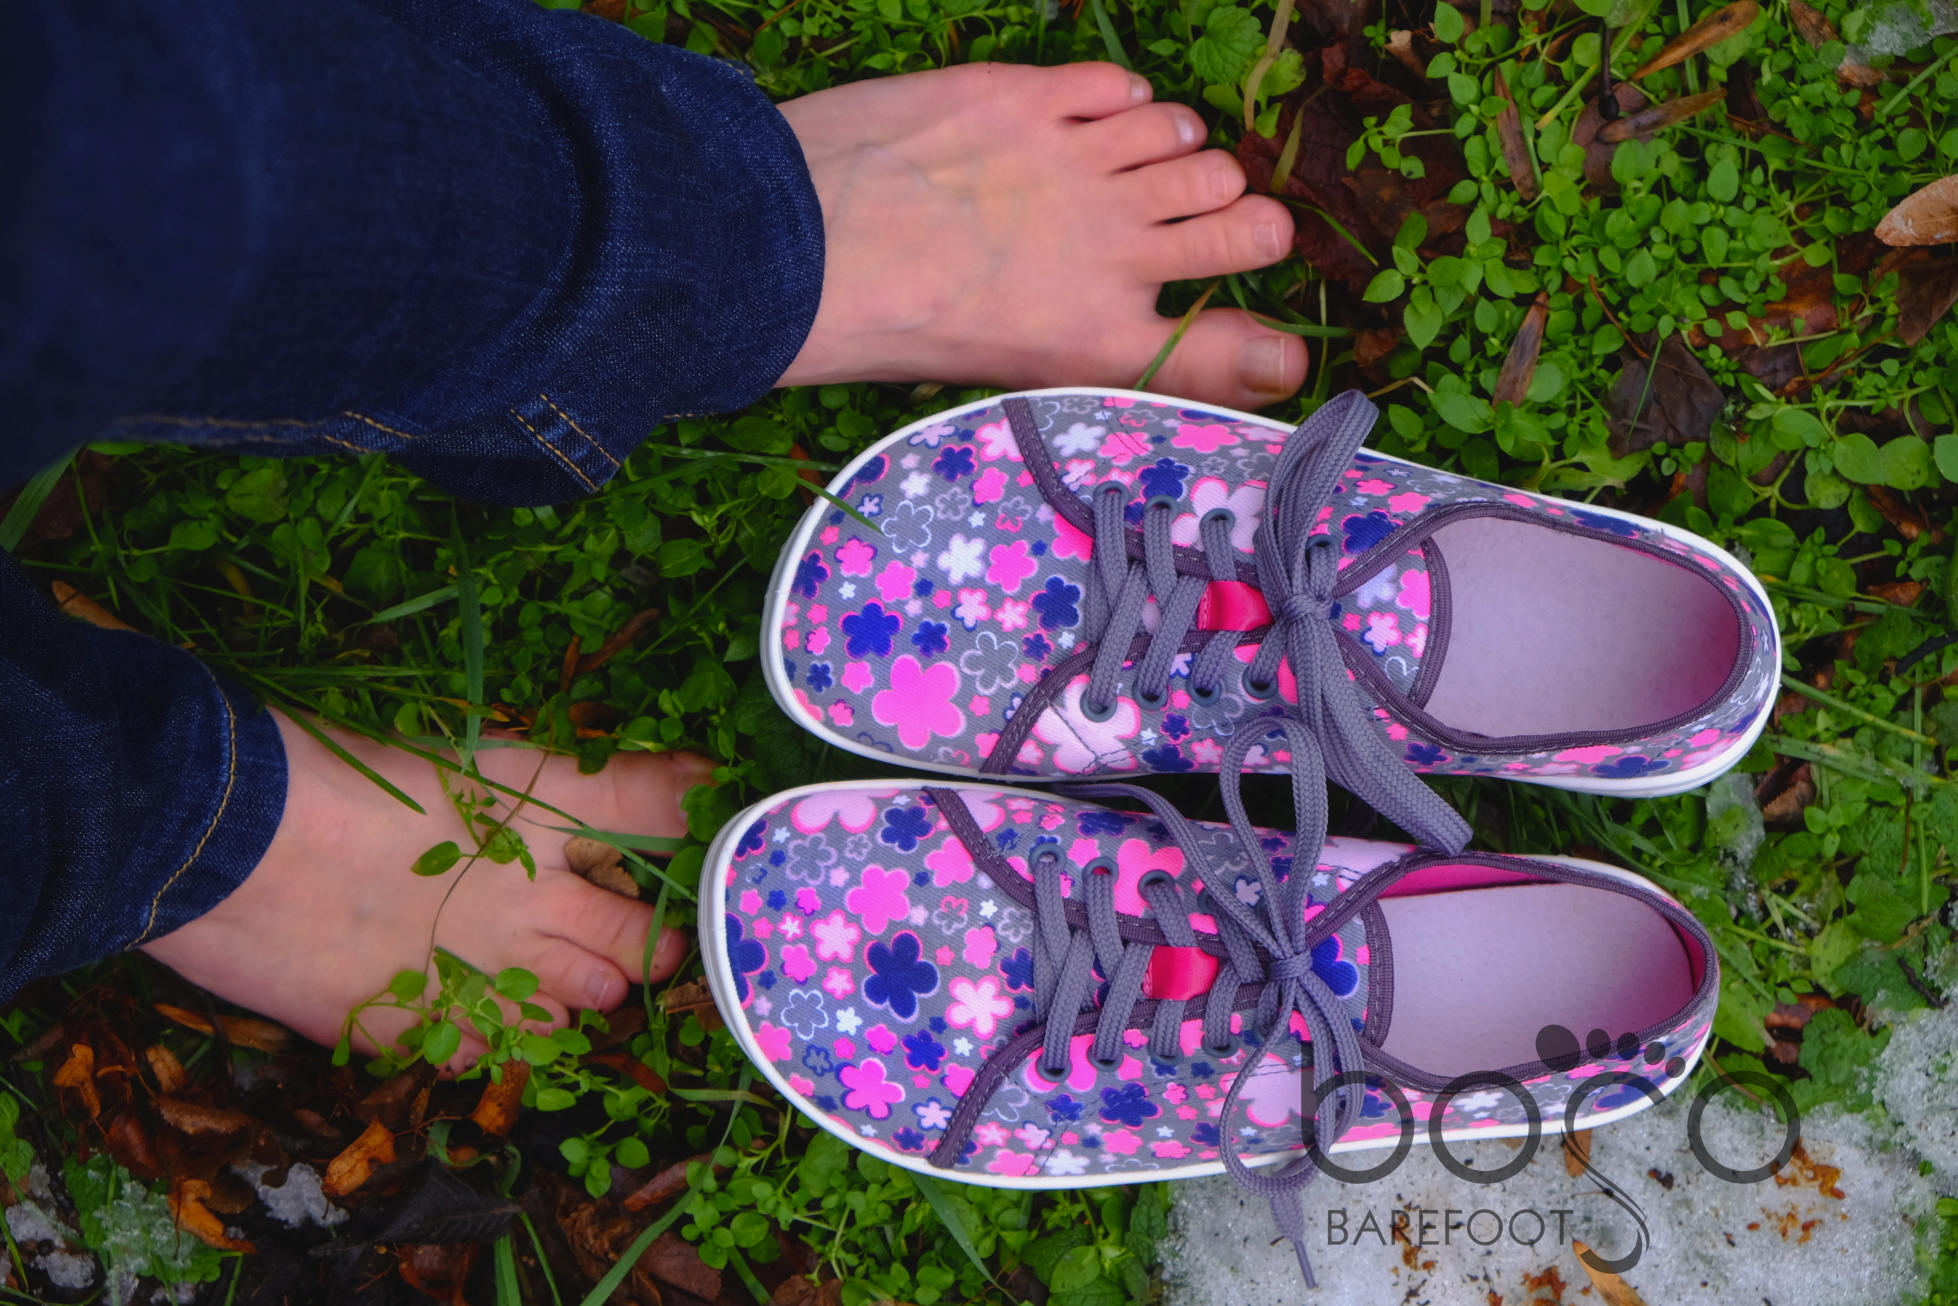 Barefoot tenisky Peerko - první dojmy